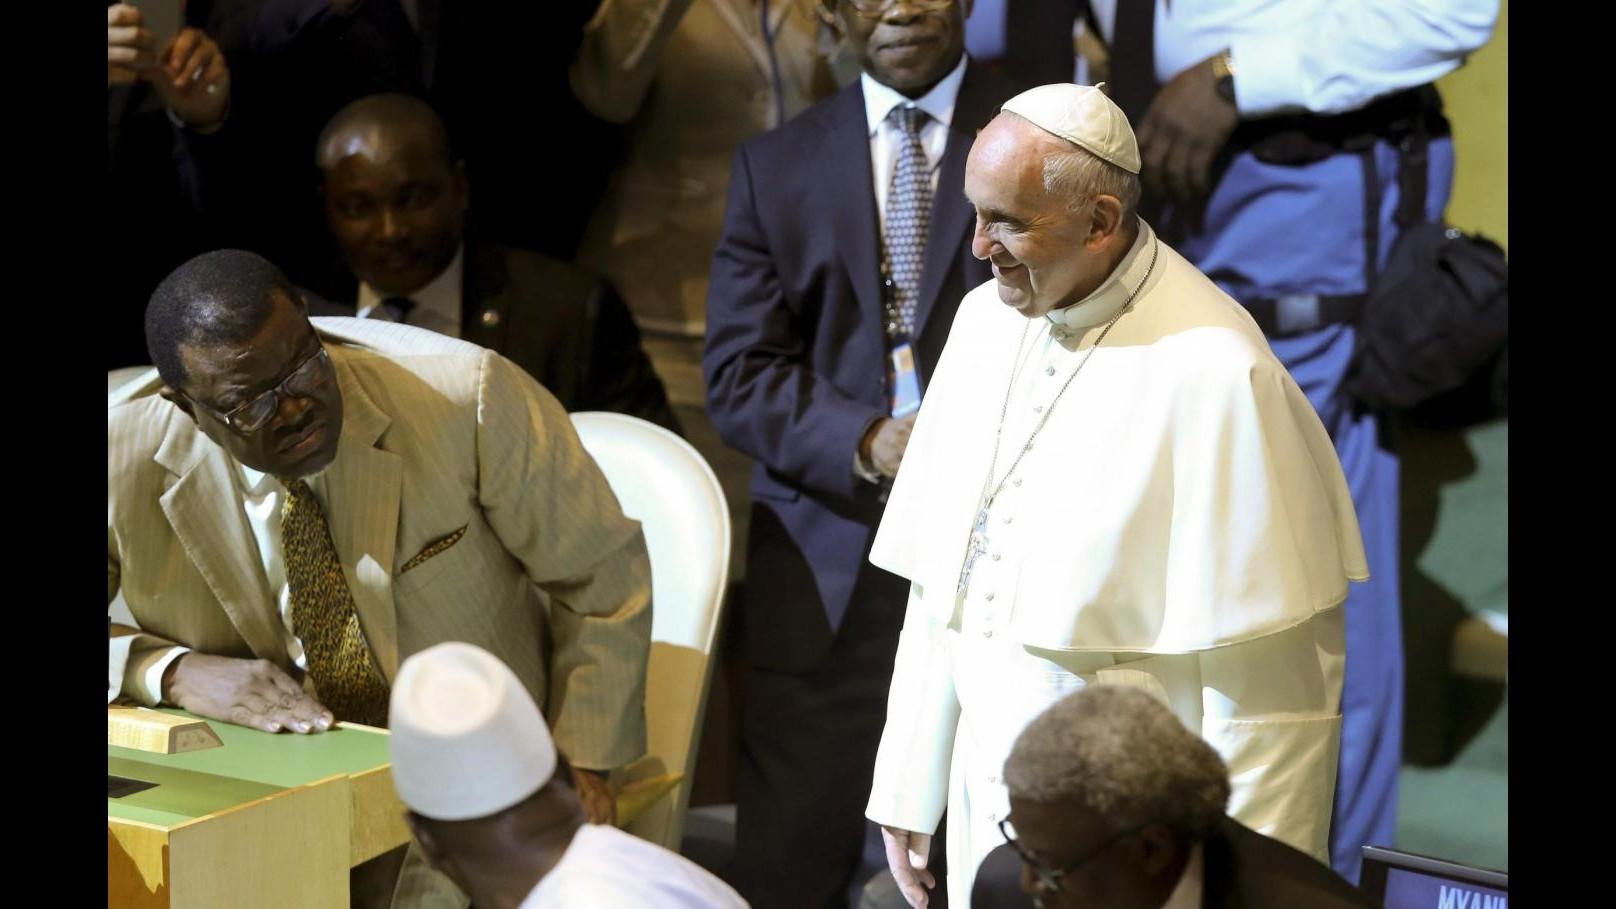 Vaticano, Papa: No a controllori salvezza, amore di Dio è gratuito